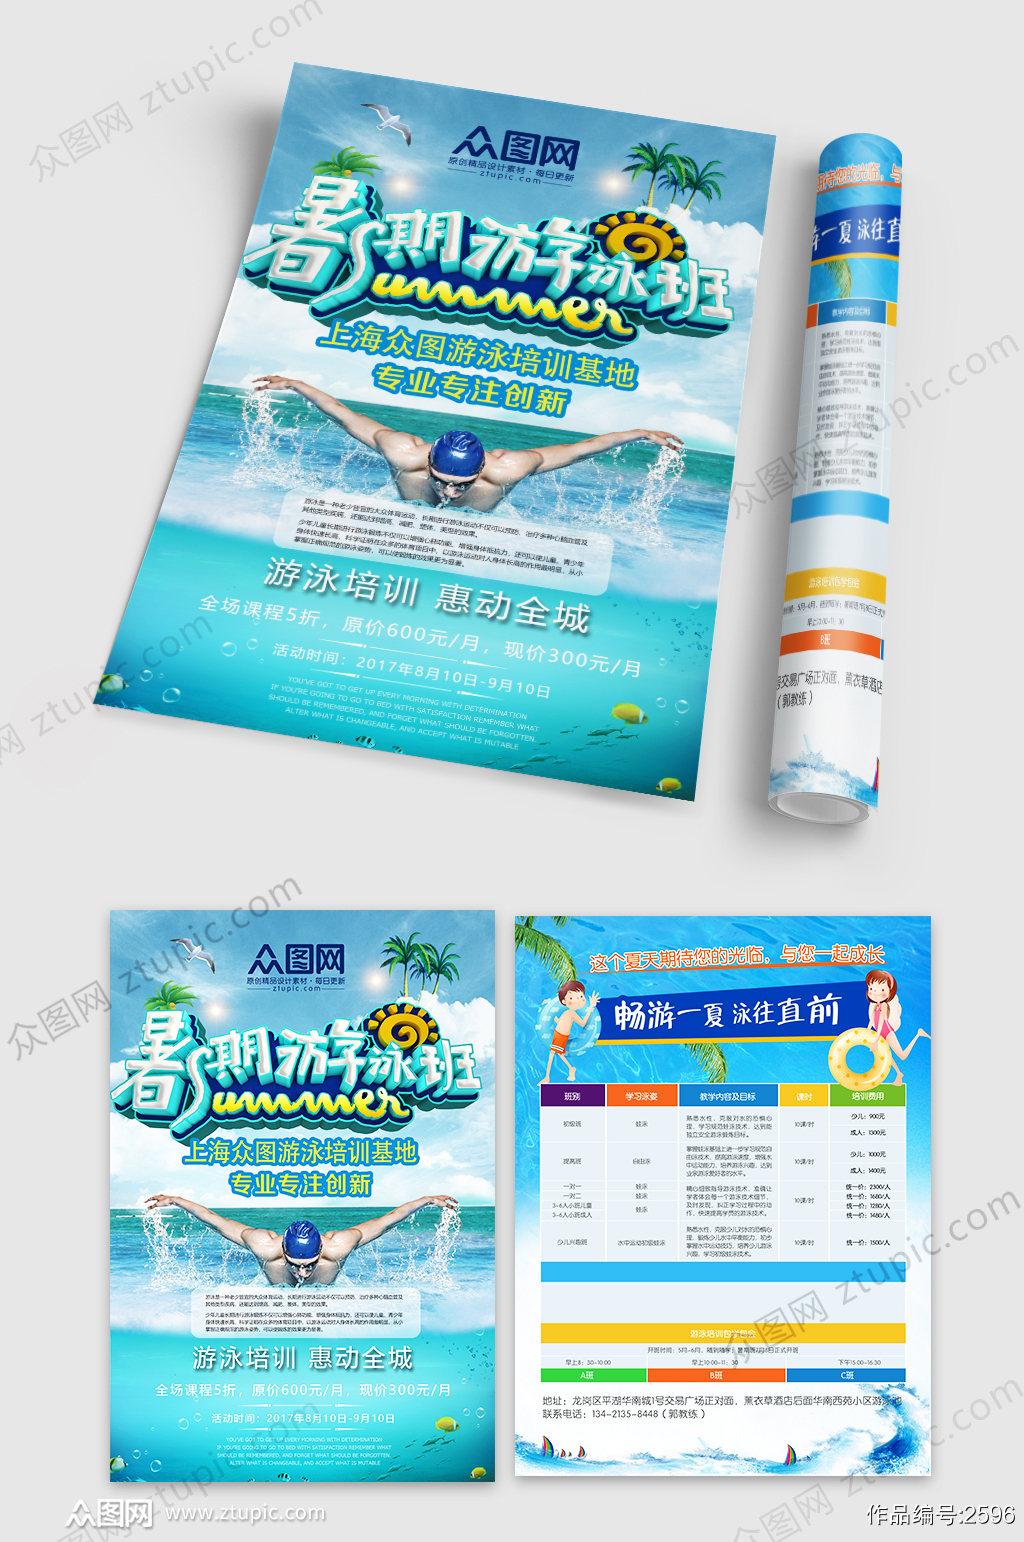 暑假游泳培训教育宣传单素材